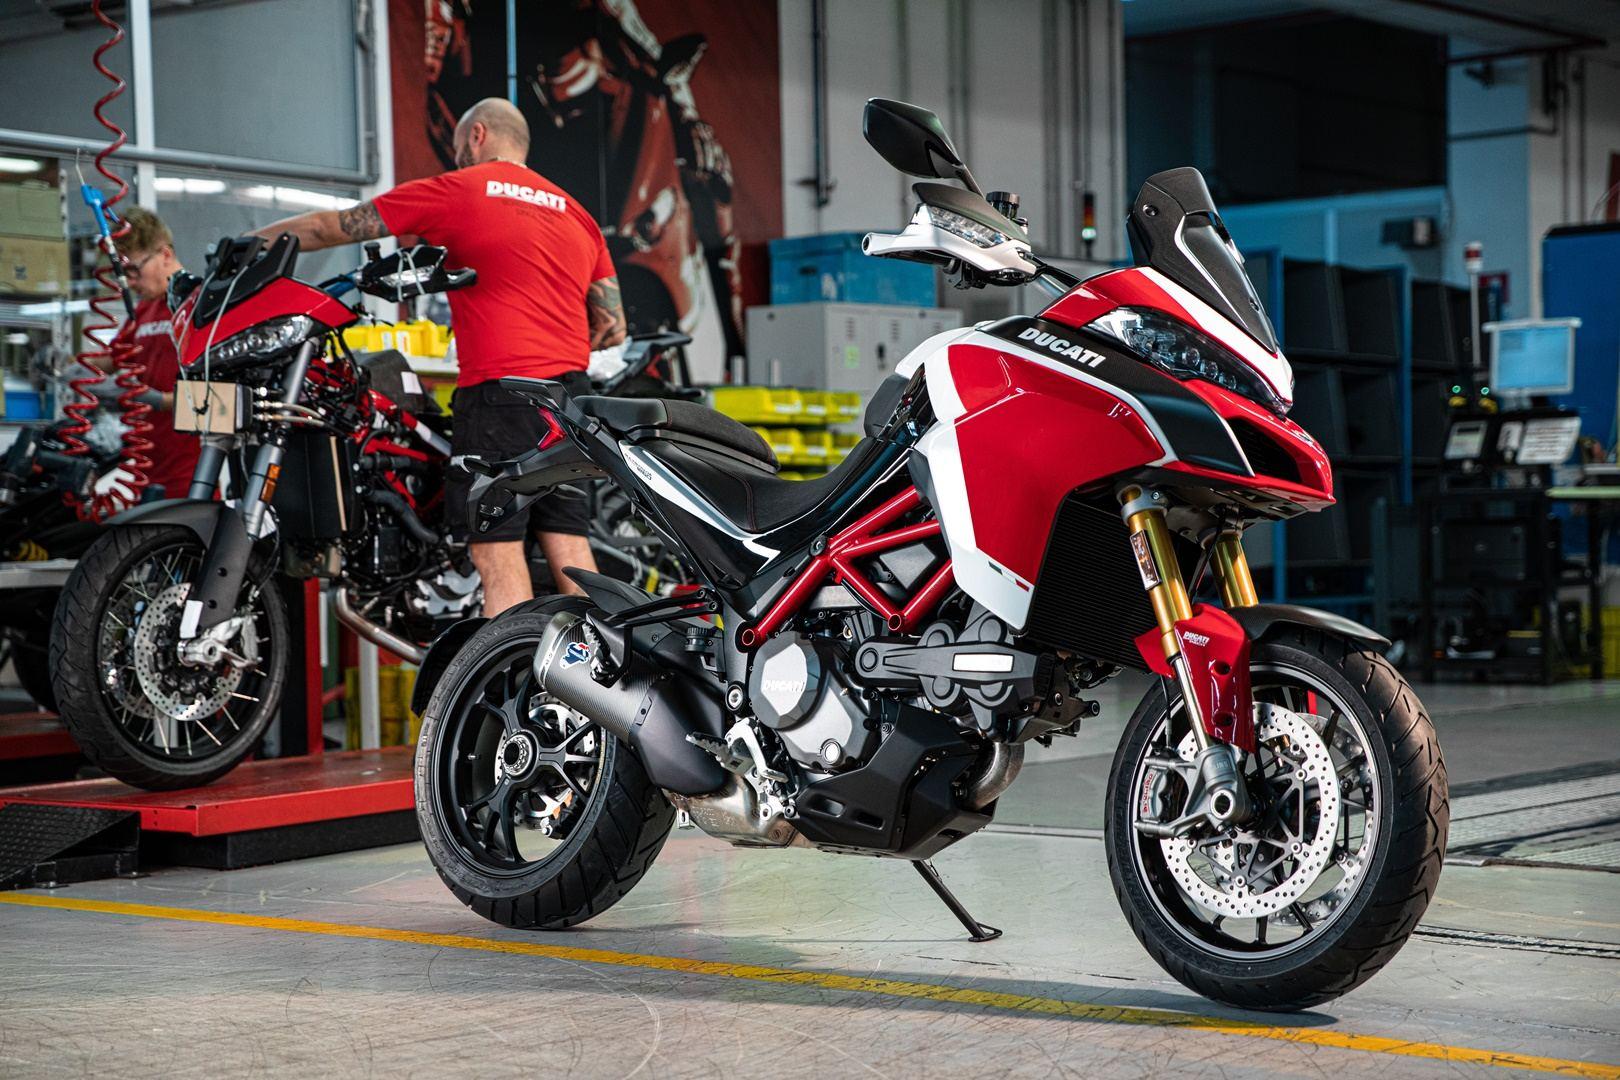 La nueva Ducati Multistrada V4 llegará en 2021